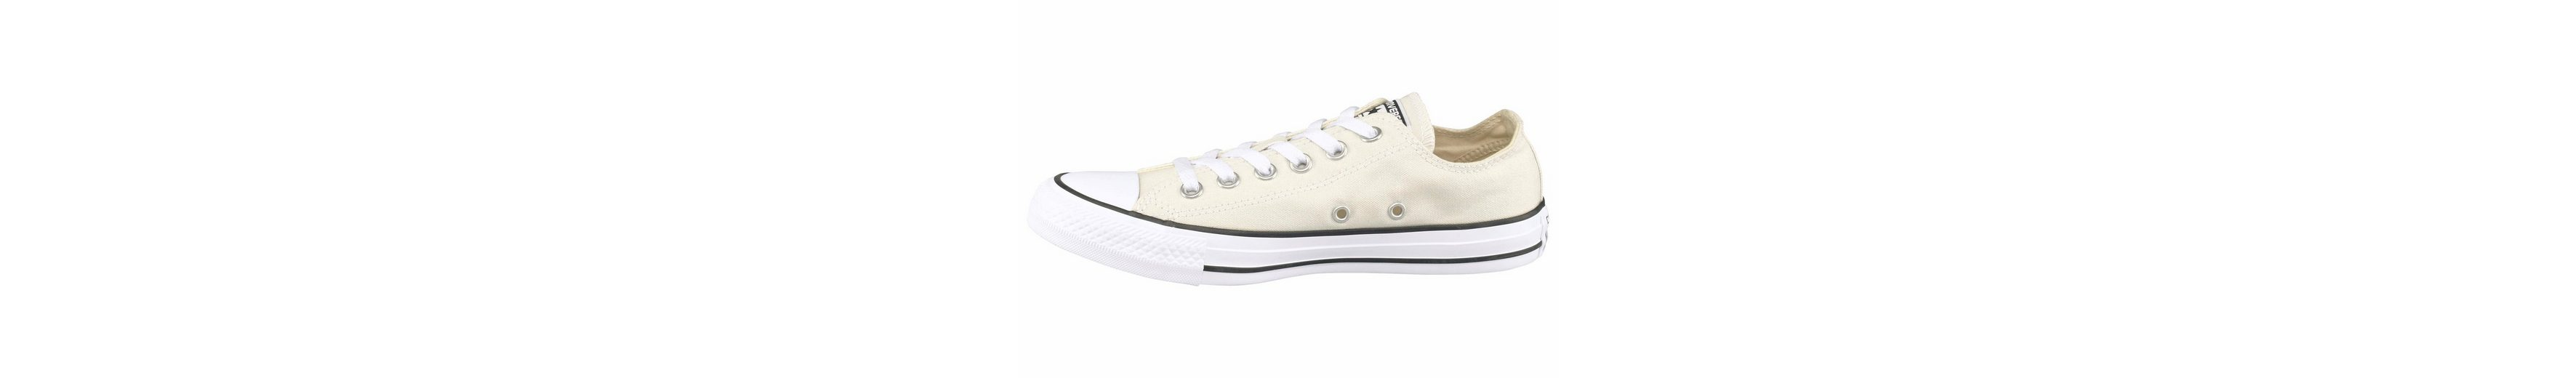 Converse Chuck Taylor All Star Core Ox Unisex Sneaker Günstig Kaufen Outlet ABtLJO